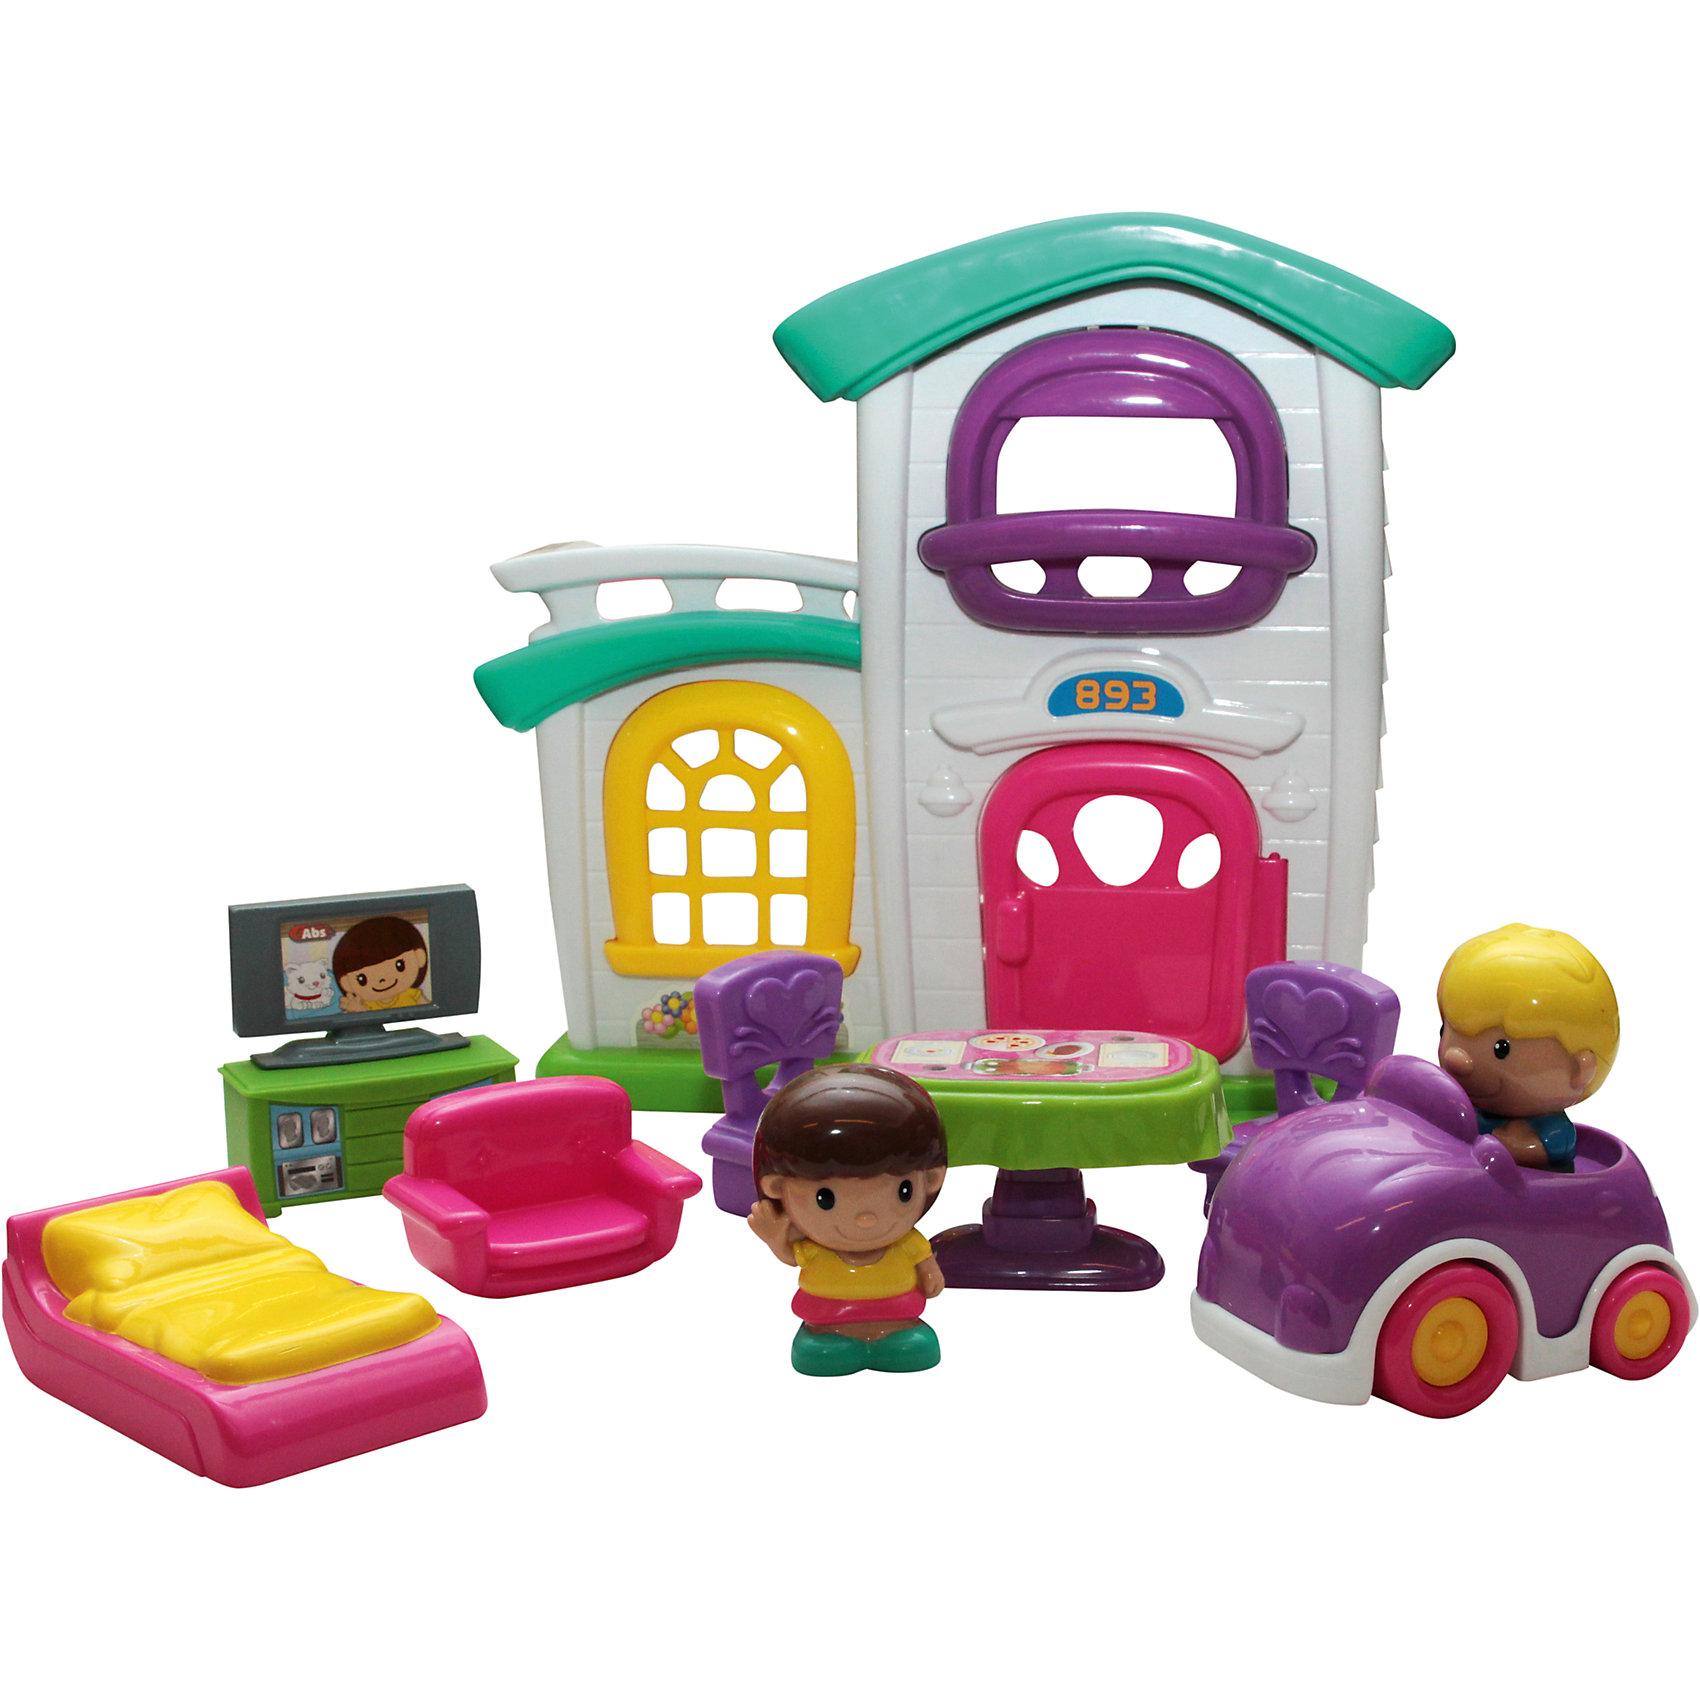 Keenway Игровой набор Кукольный дом, Keenway